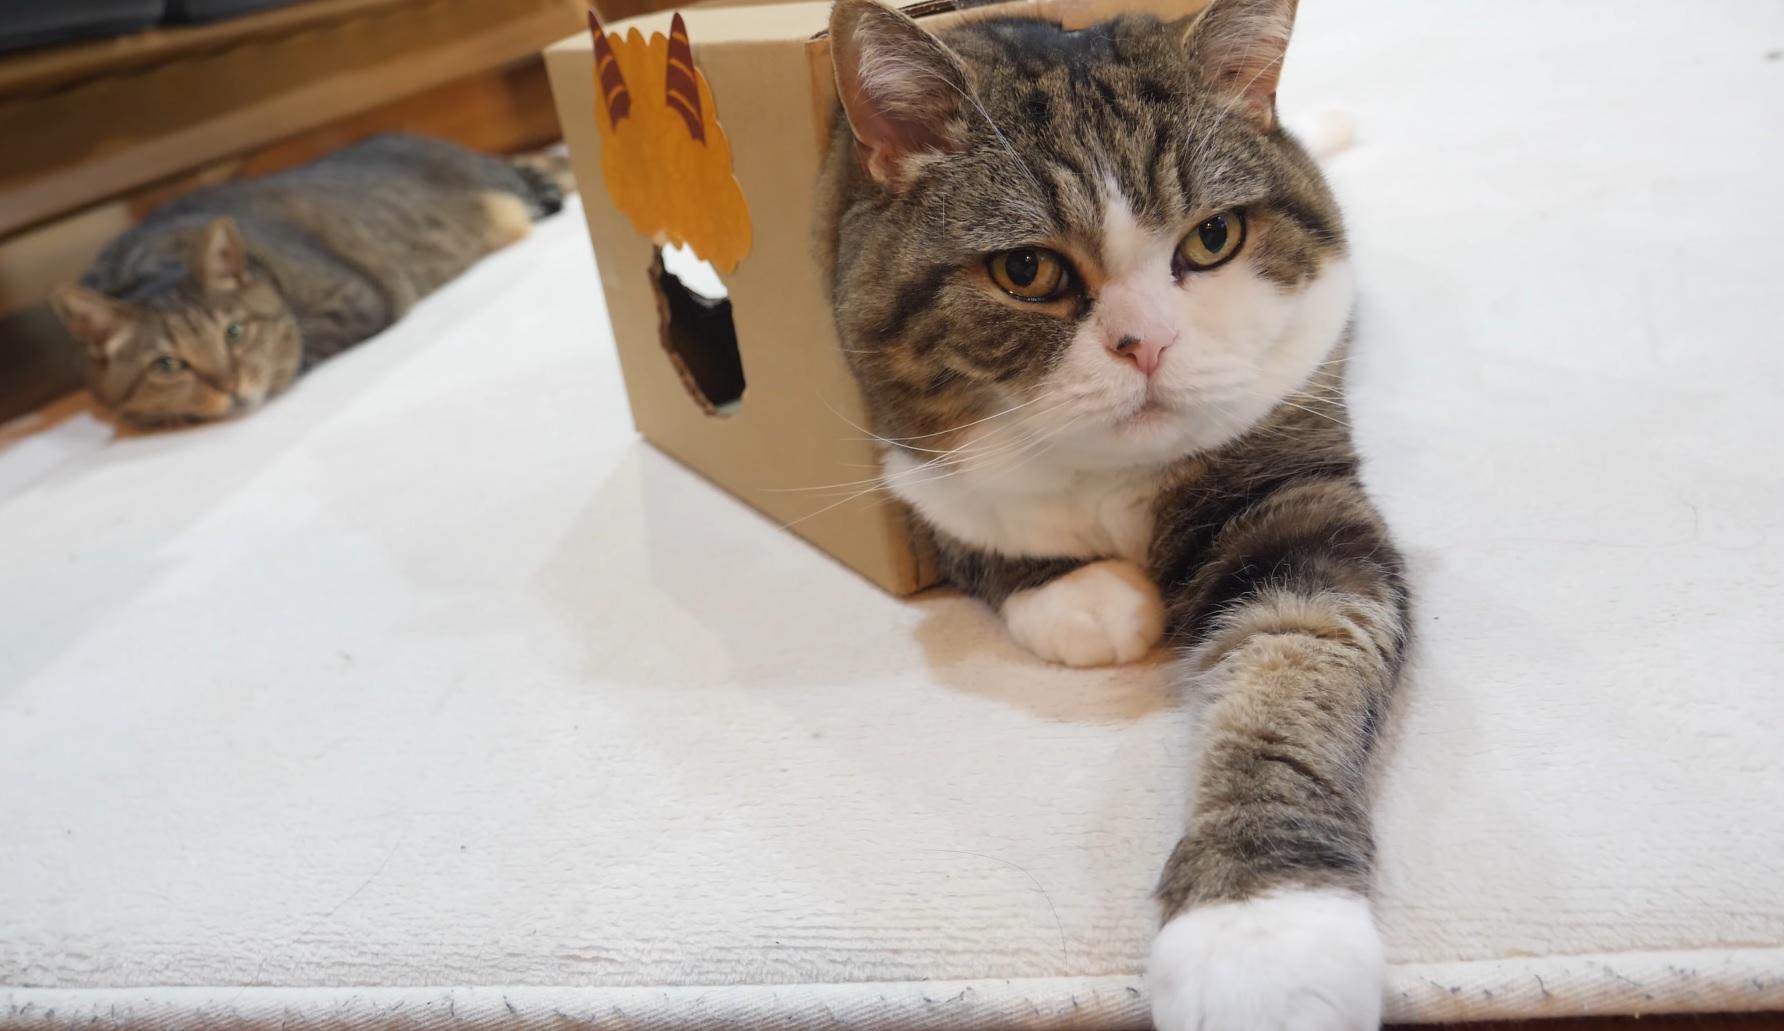 Maru Sits In Strange Box